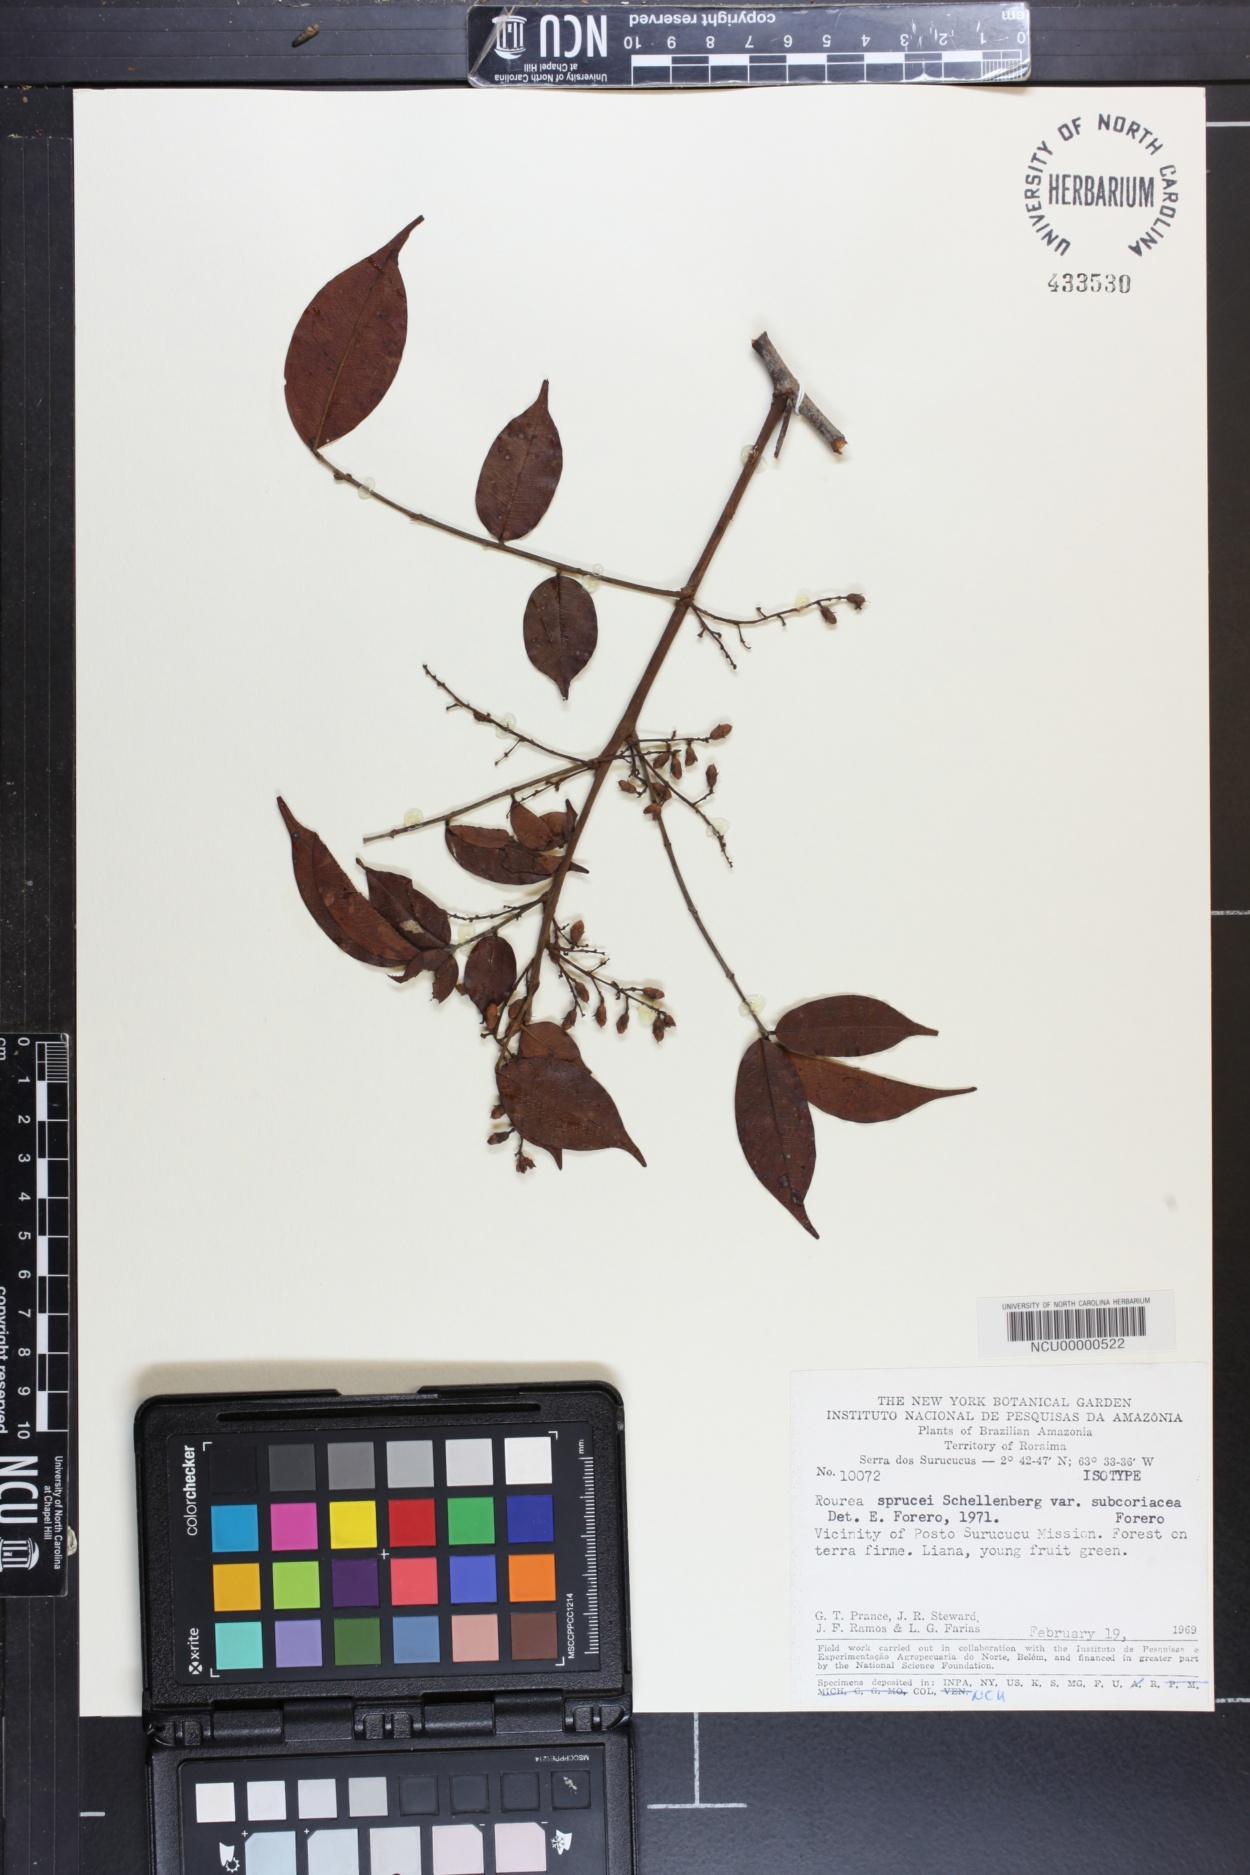 Rourea sprucei var. subcoriacea image